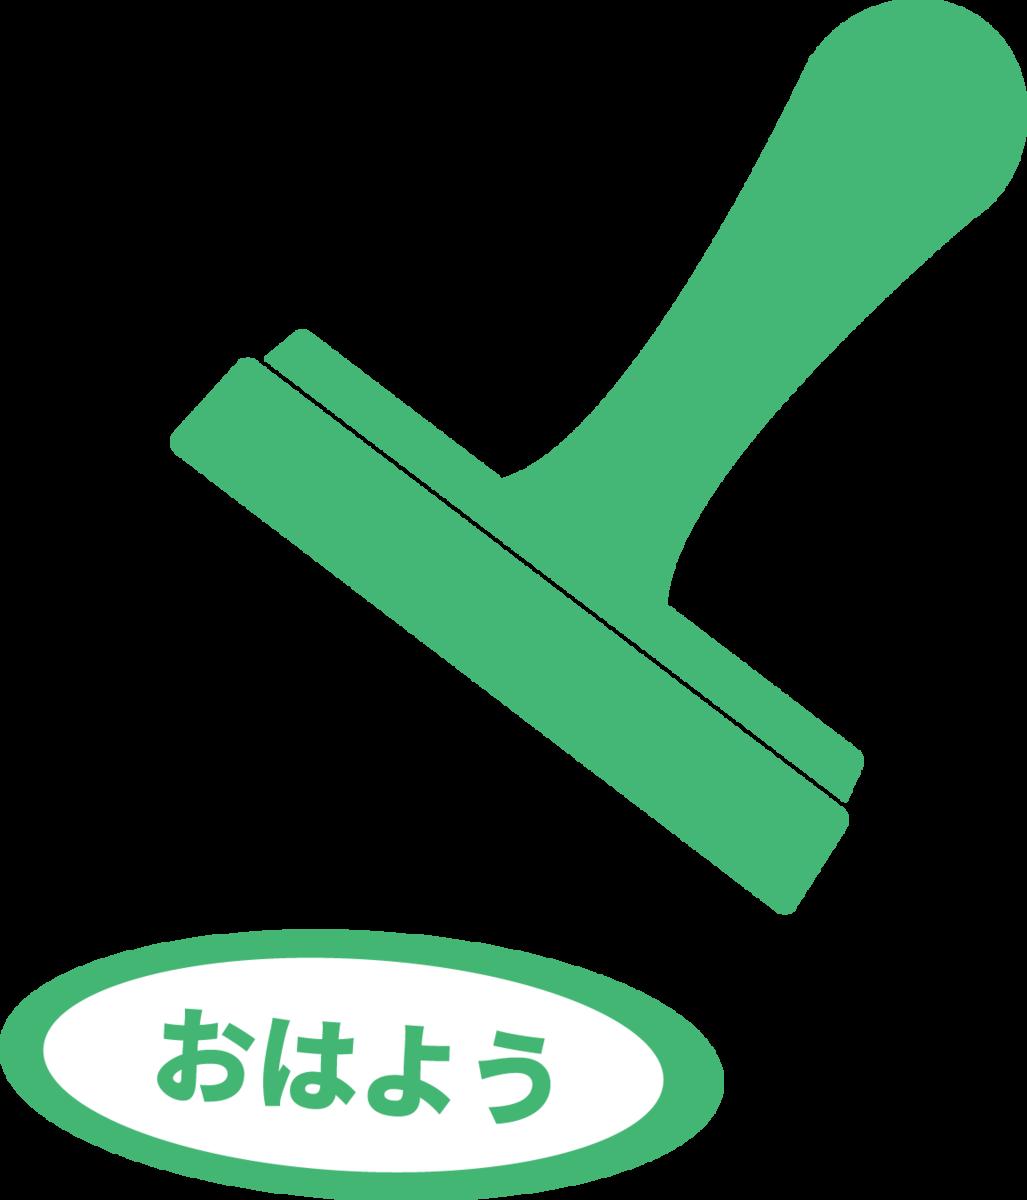 f:id:mojiru:20201026093347p:plain